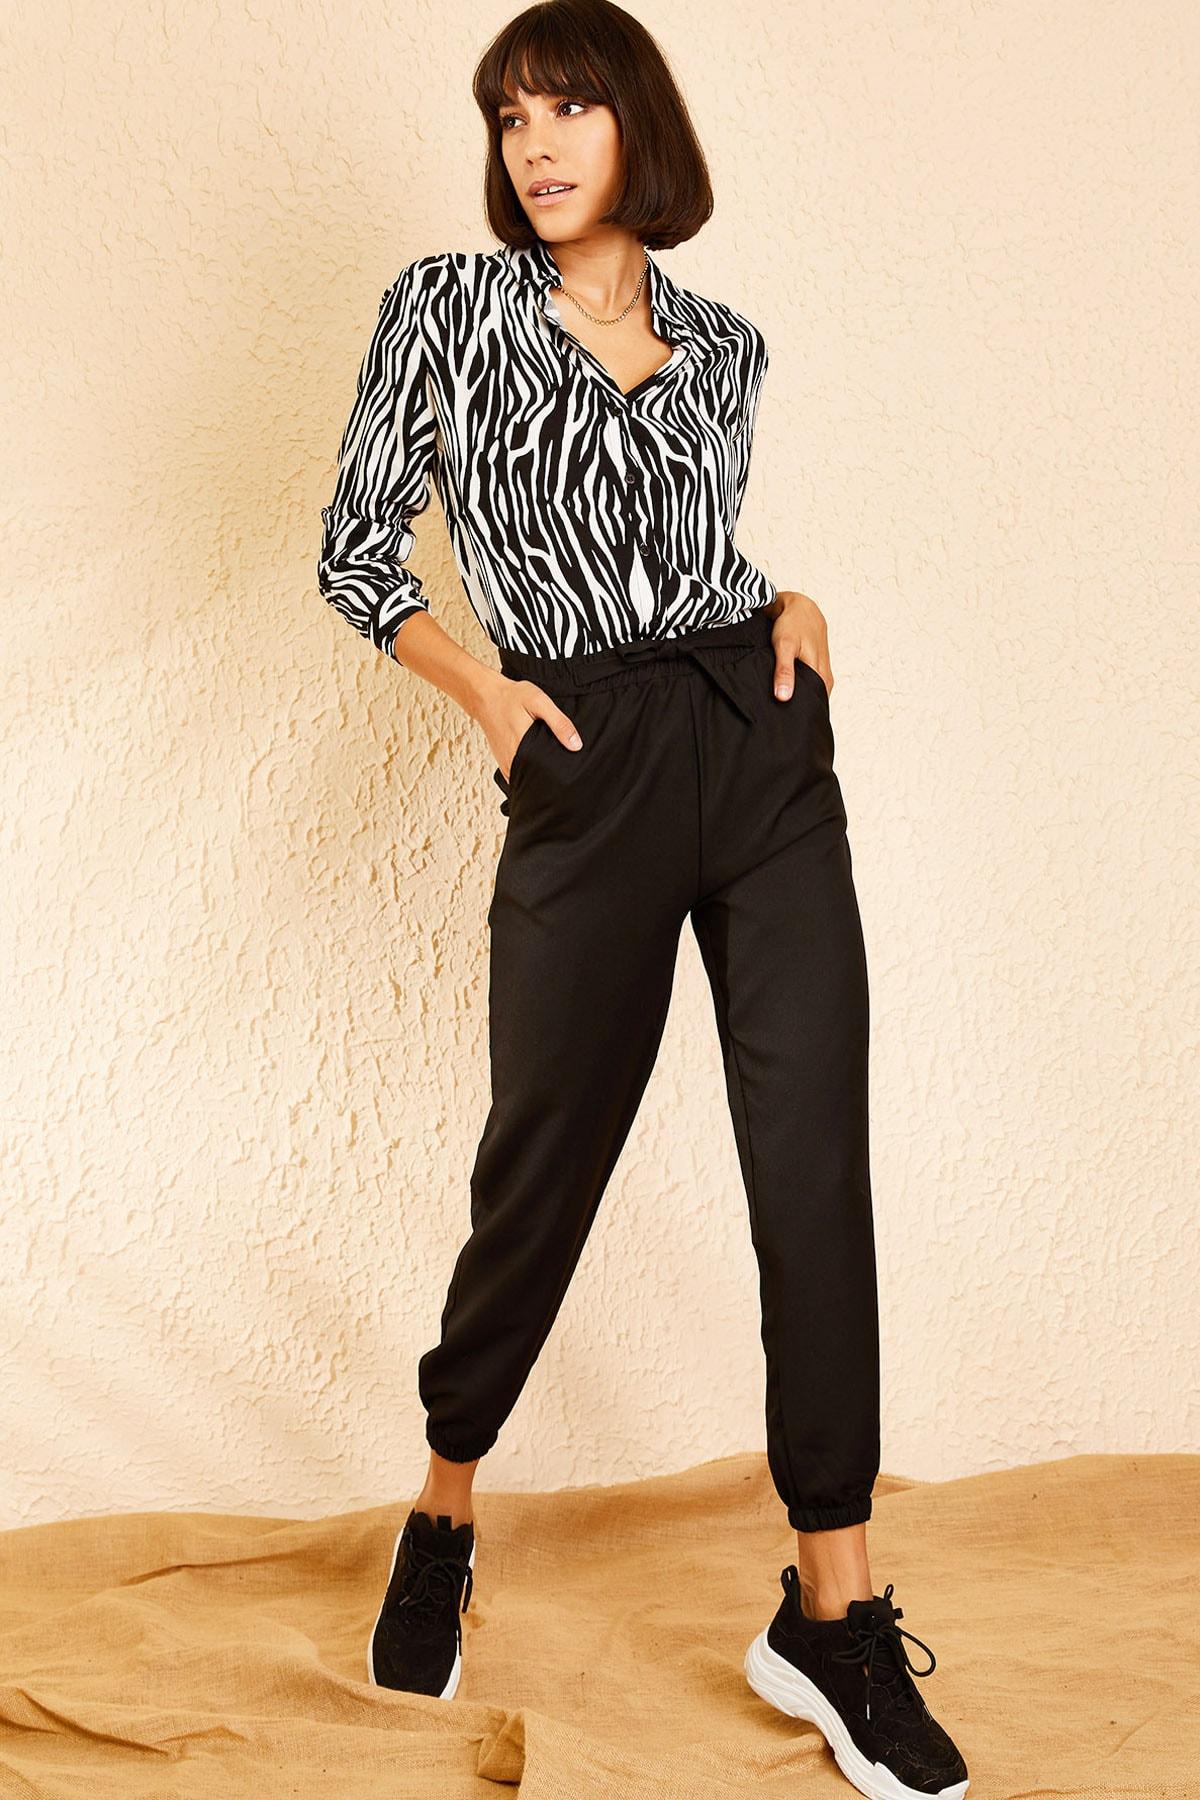 Bianco Lucci Kadın Siyah Beli ve Paçası Lastikli Mevsimlik Rahat Pantolon 10111026 2